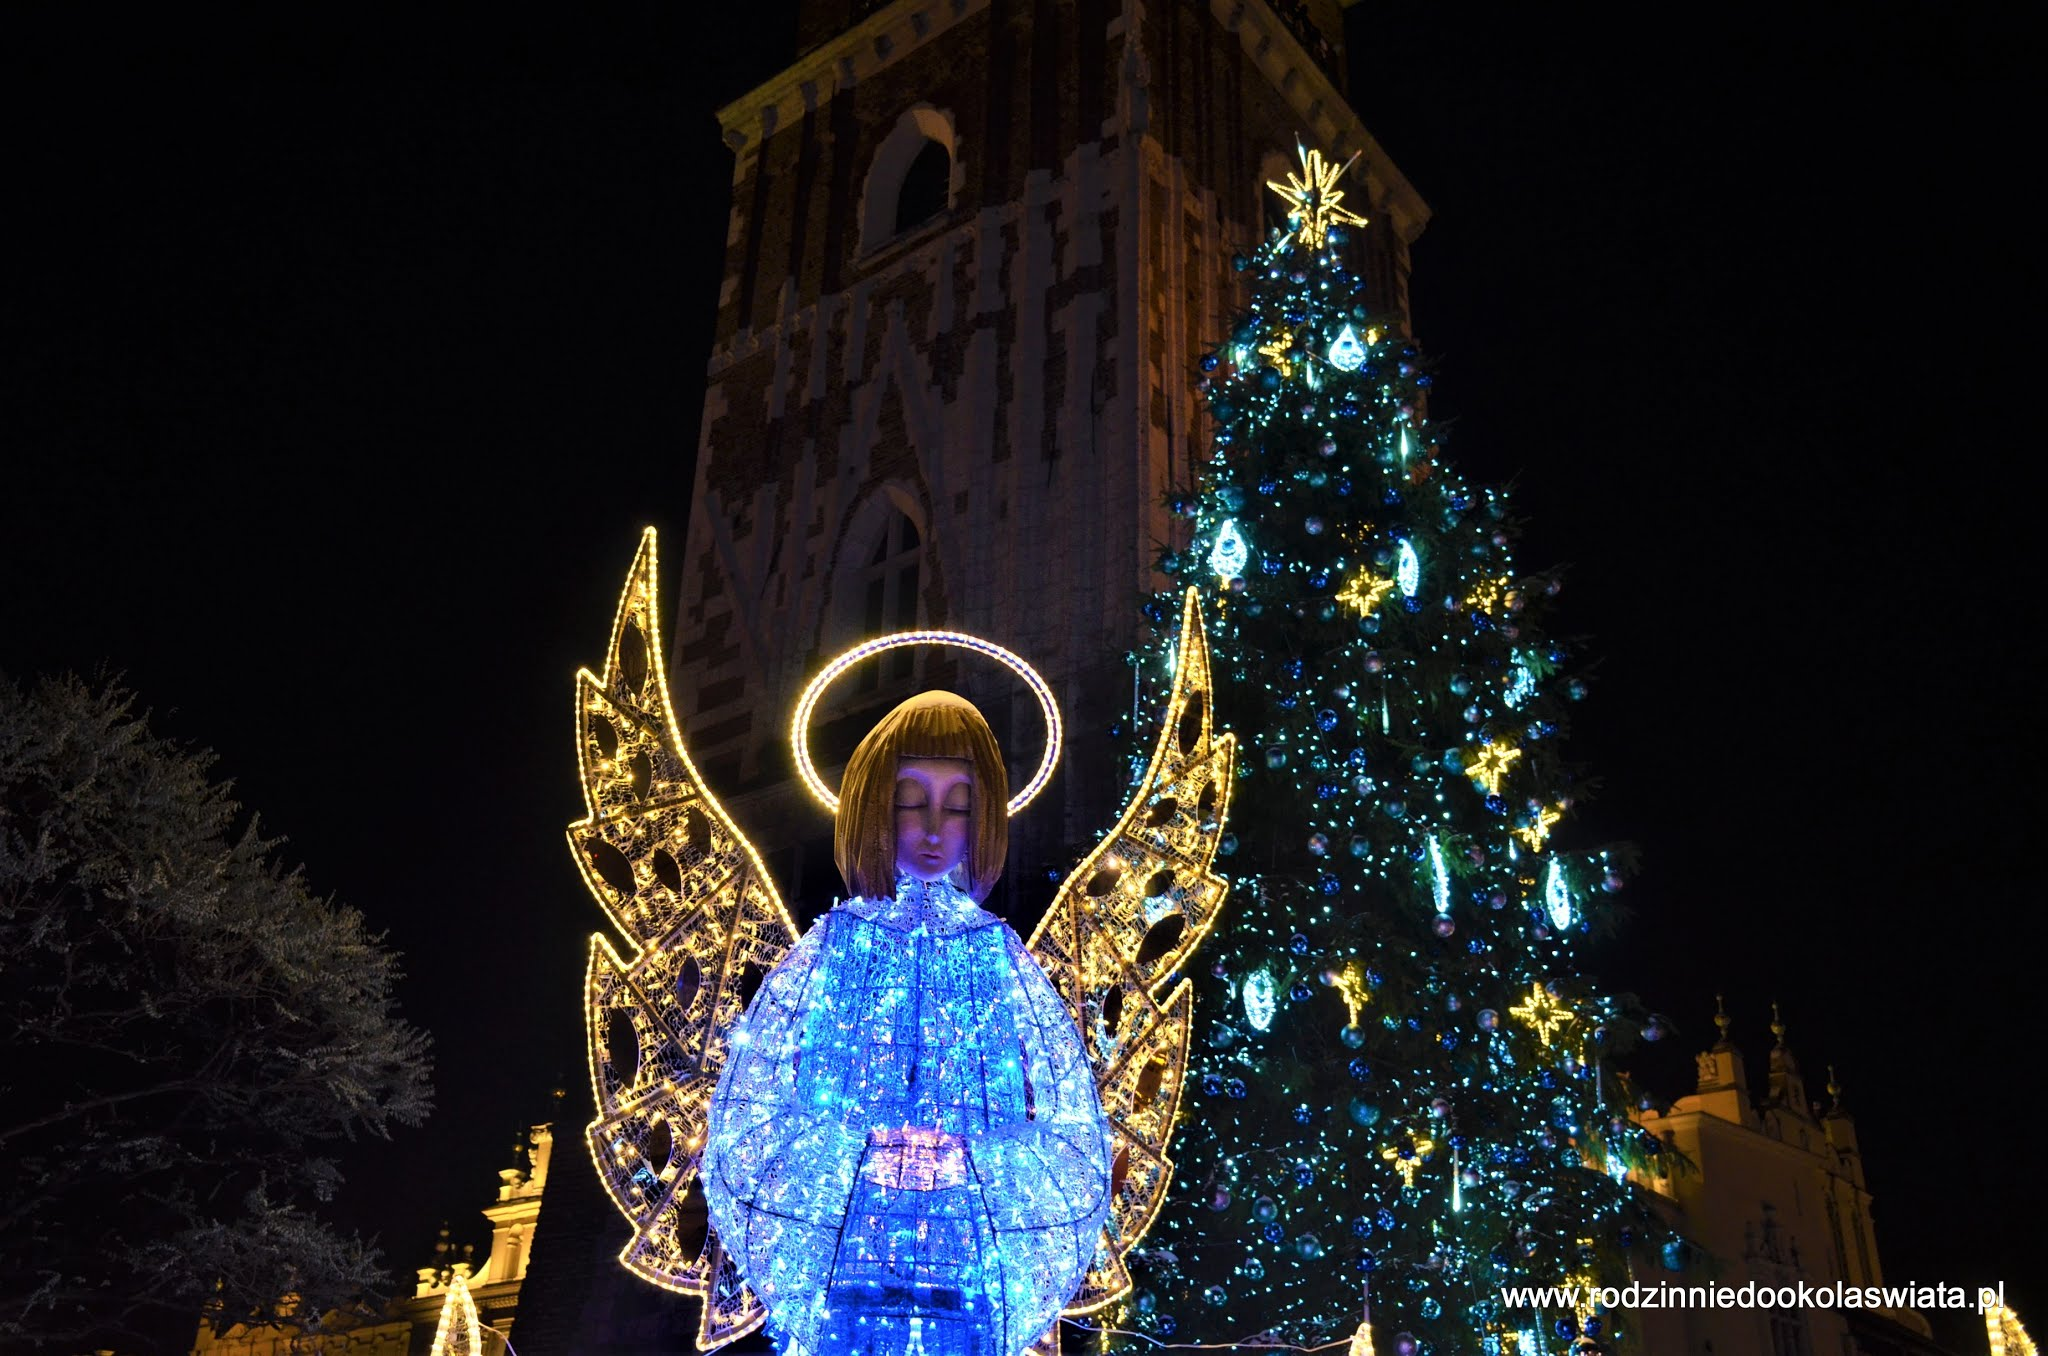 Kraków w świątecznej odsłonie